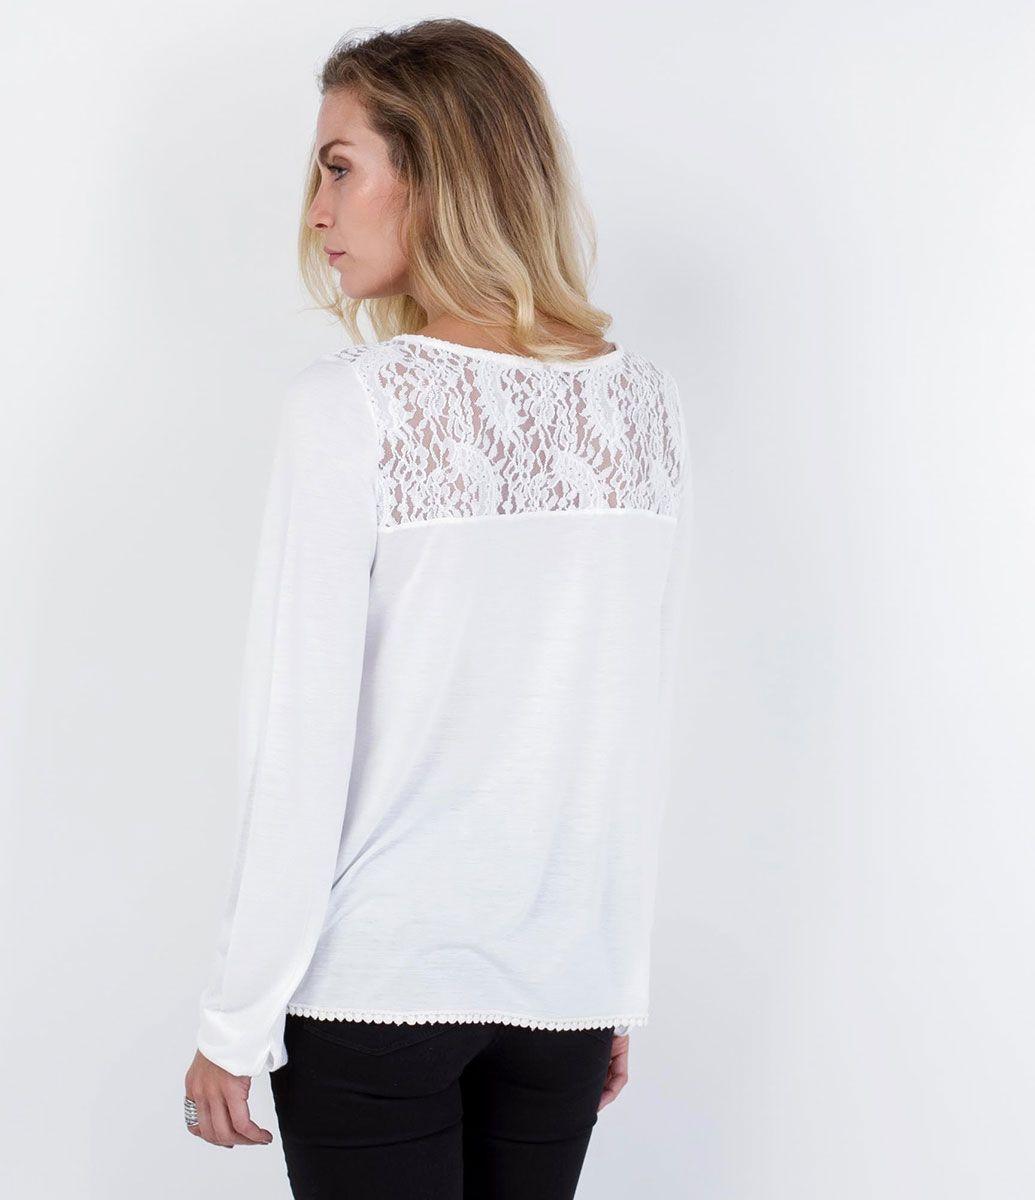 Blusa feminina listrada manga longa em tricô fio tinto